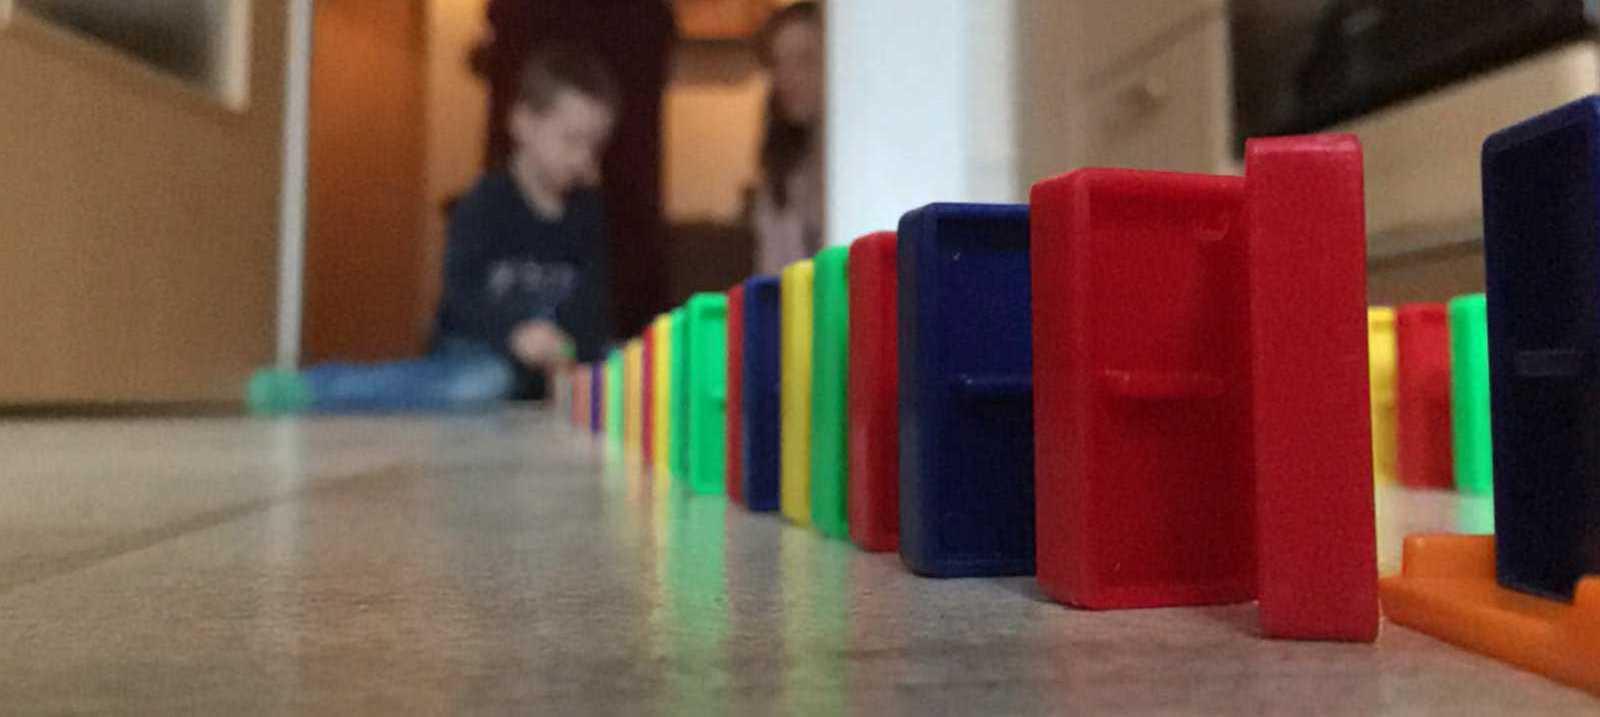 Dominobahn